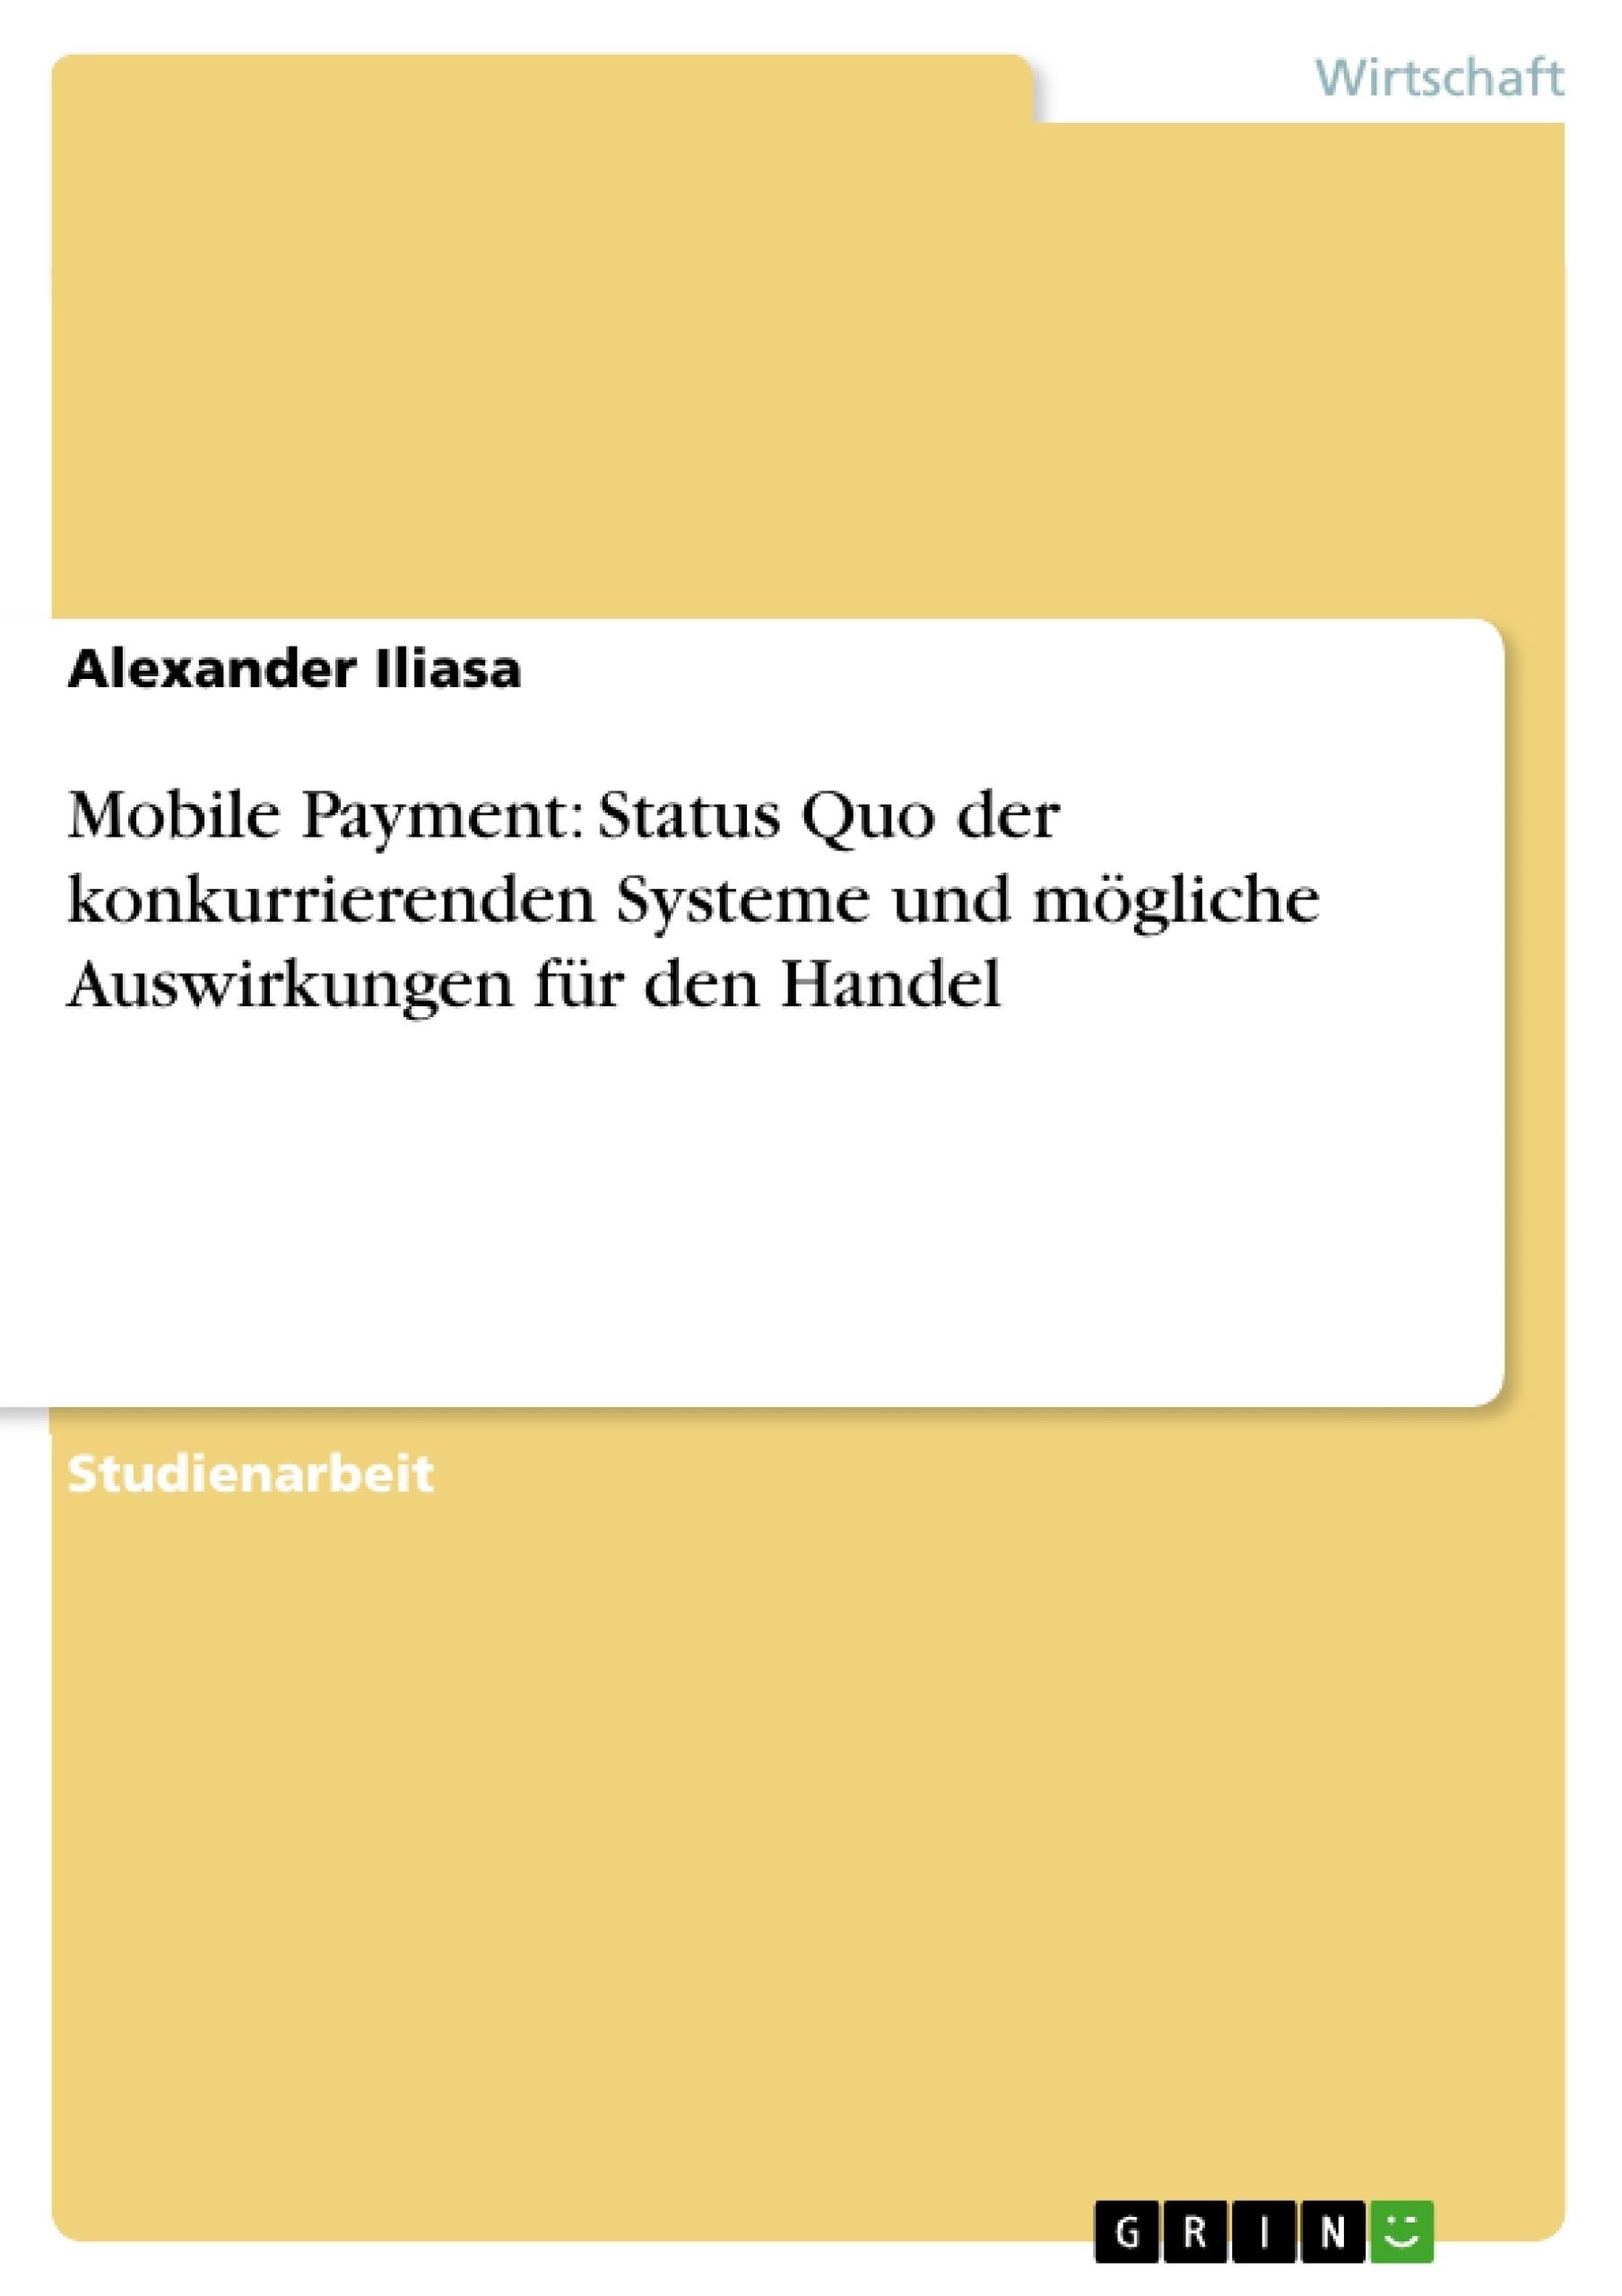 Titel: Mobile Payment: Status Quo der konkurrierenden Systeme und mögliche Auswirkungen für den Handel